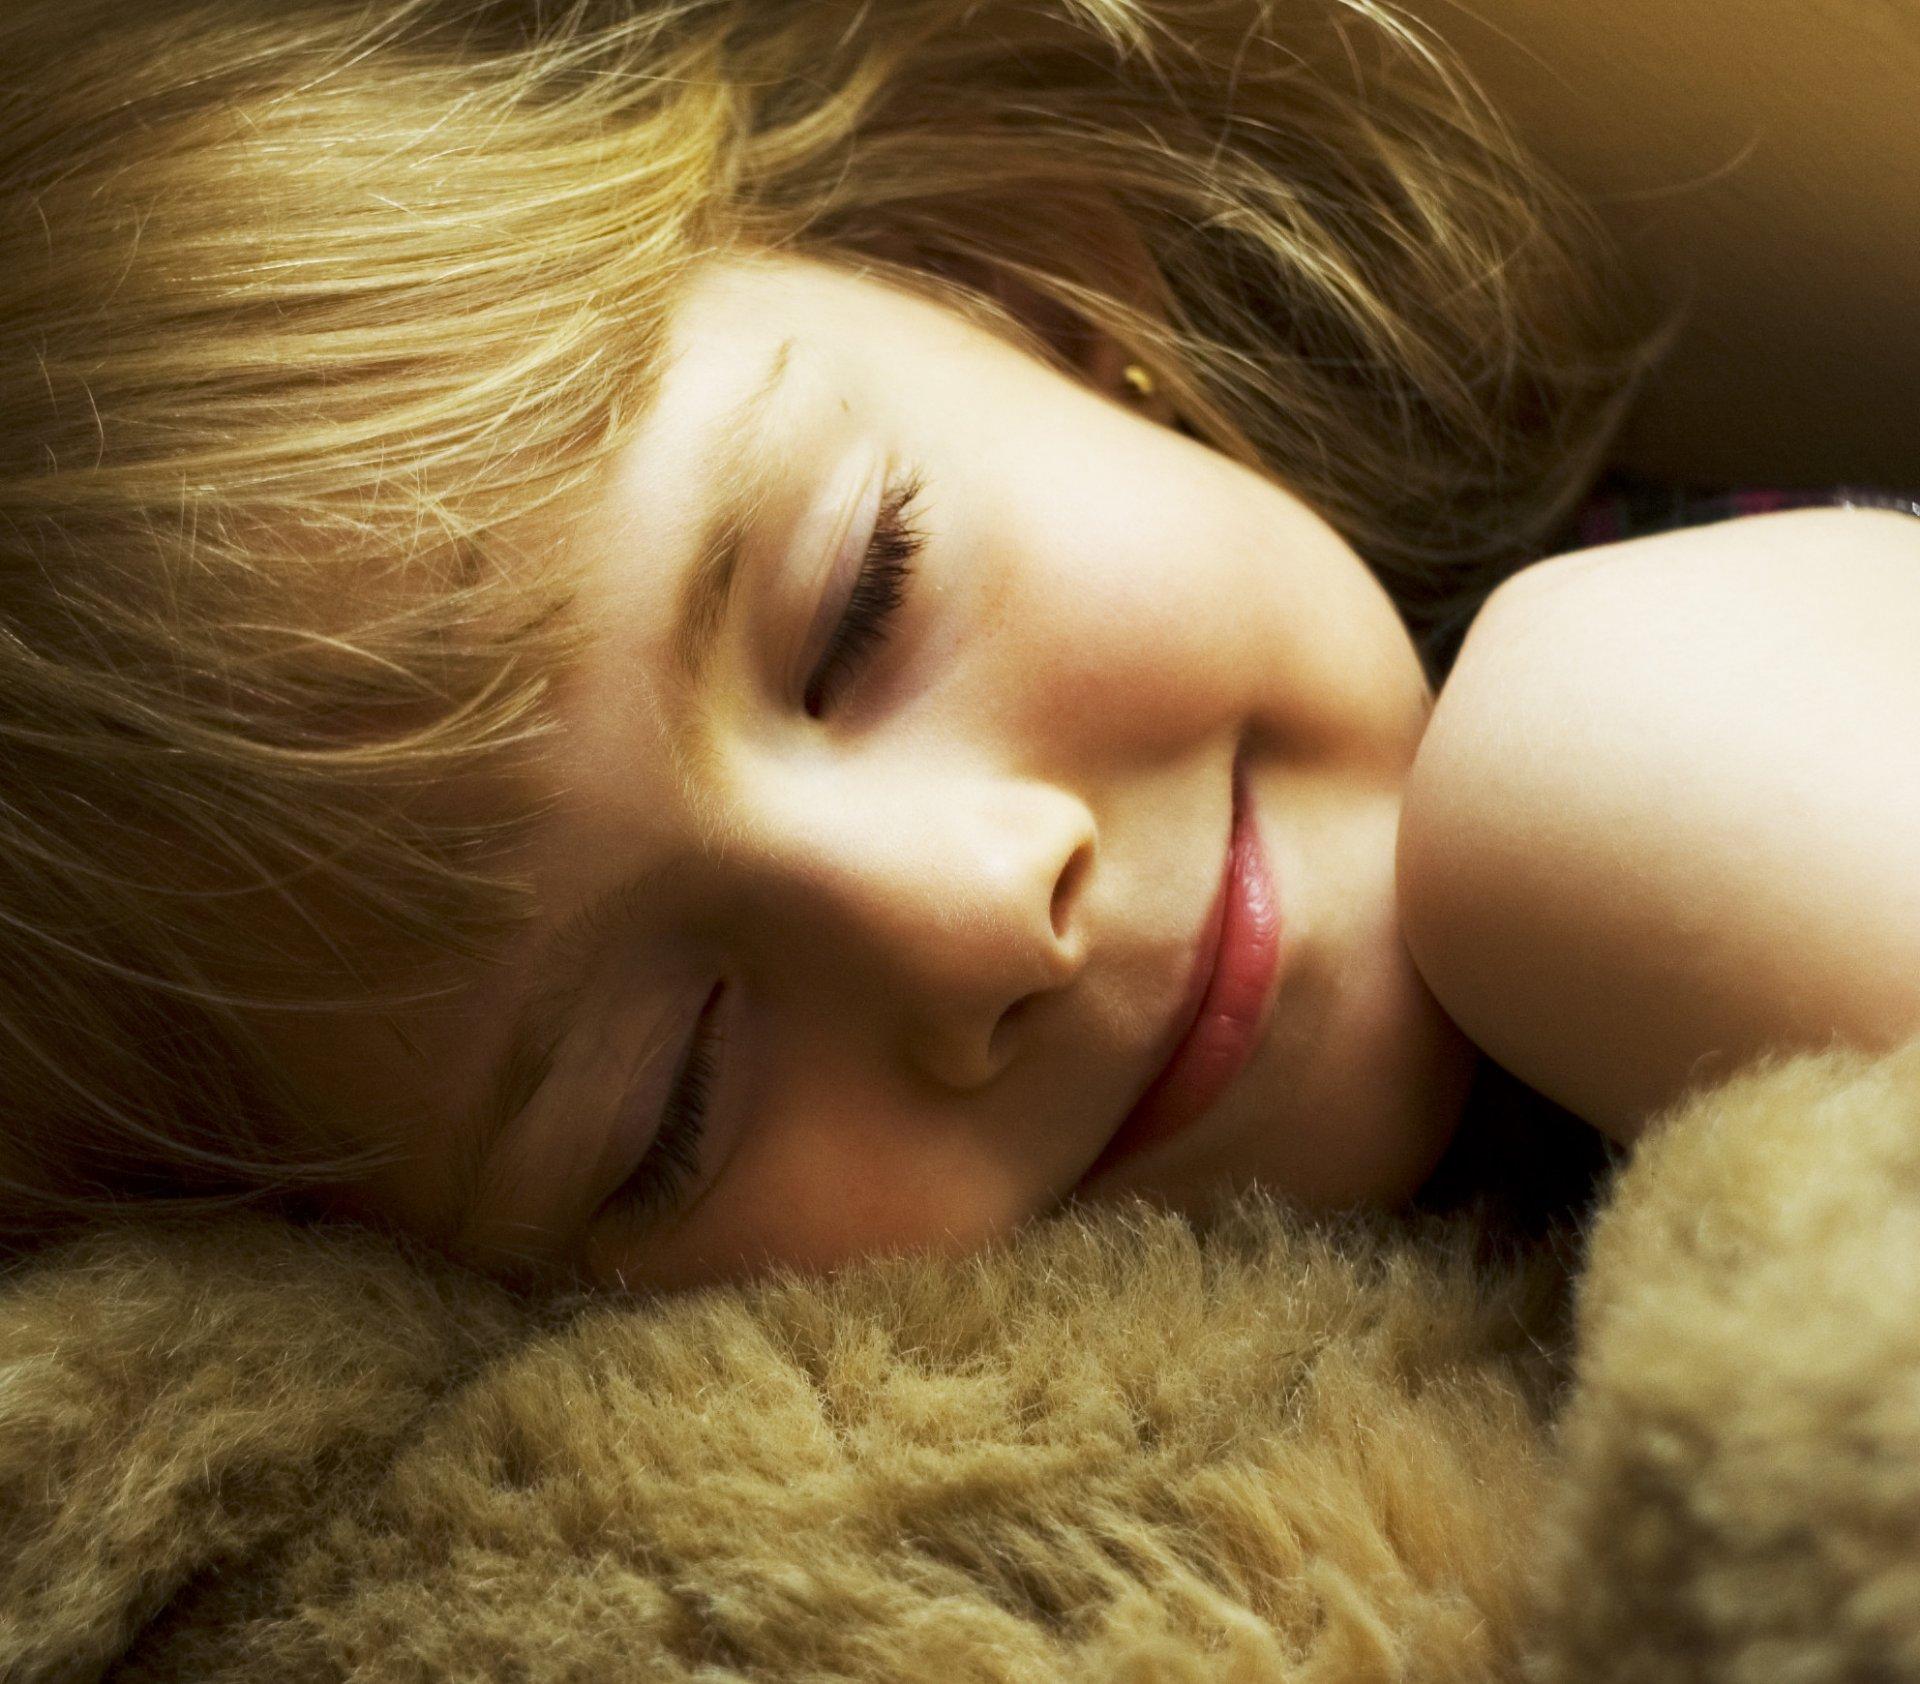 Фото спящих девчат людей